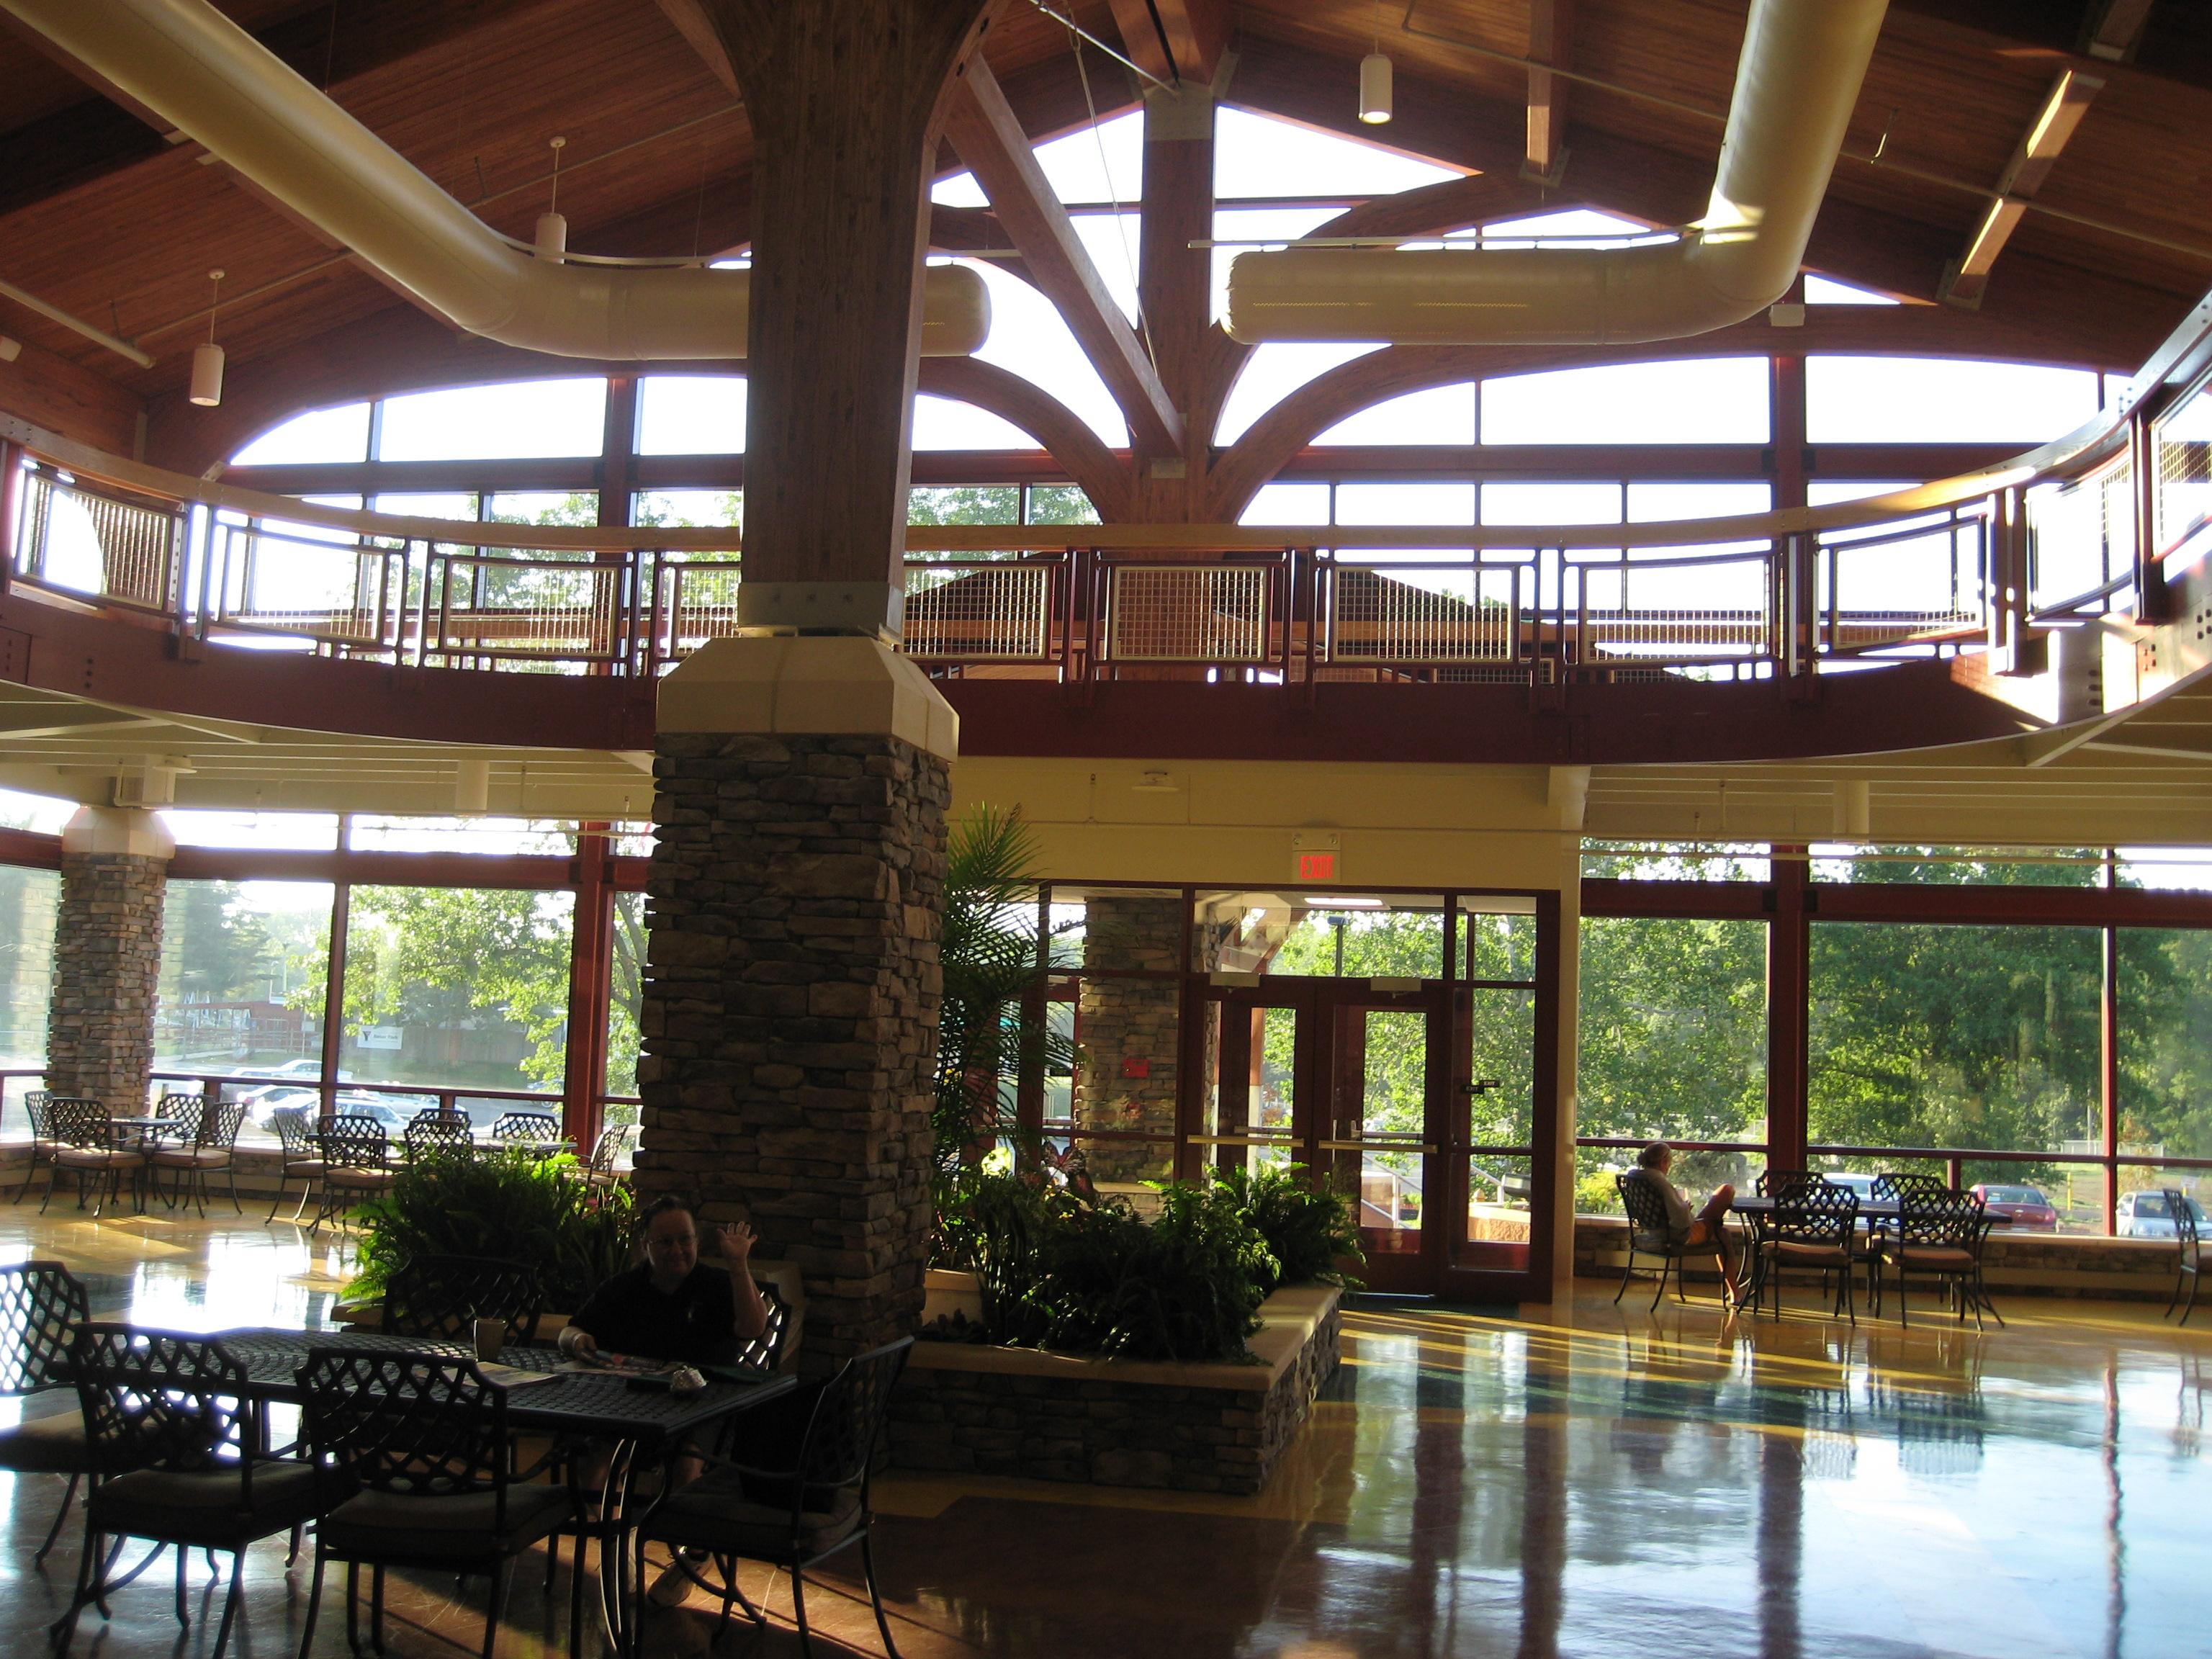 Phoenixville YMCA